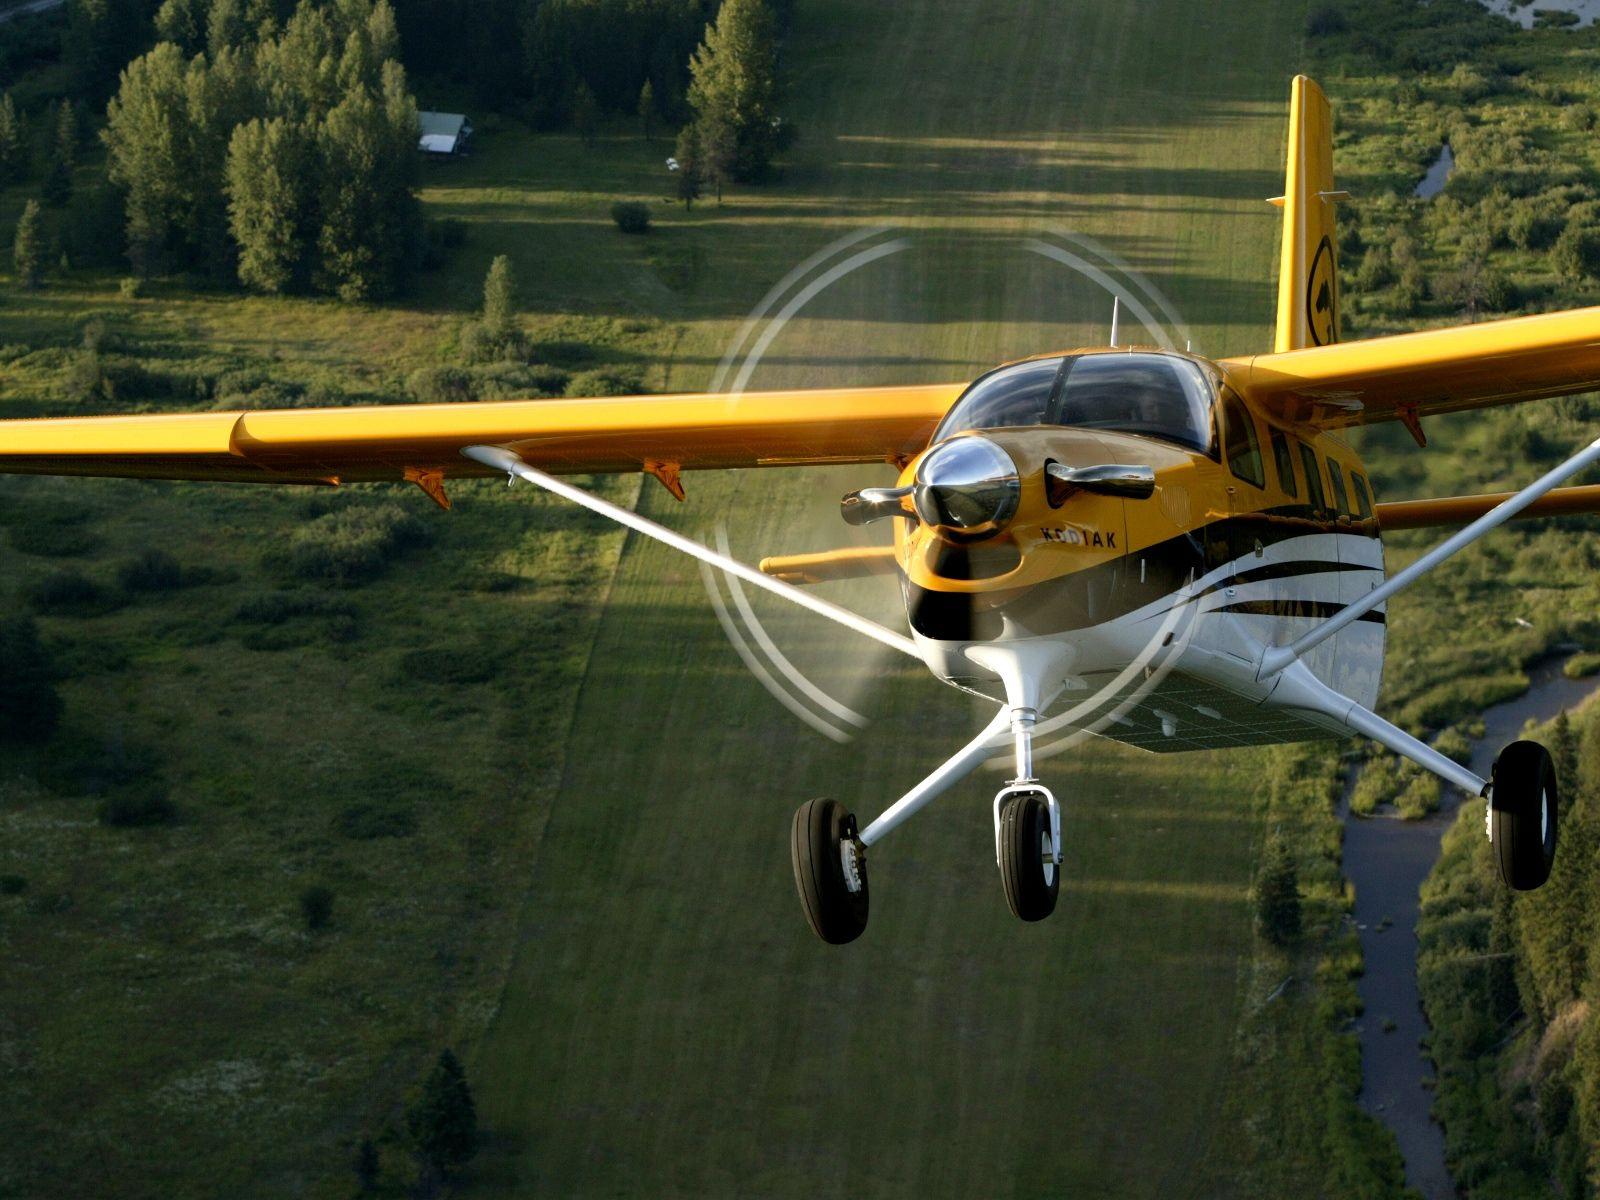 唯一的变化是:早前的作业飞机由轻型运动飞机